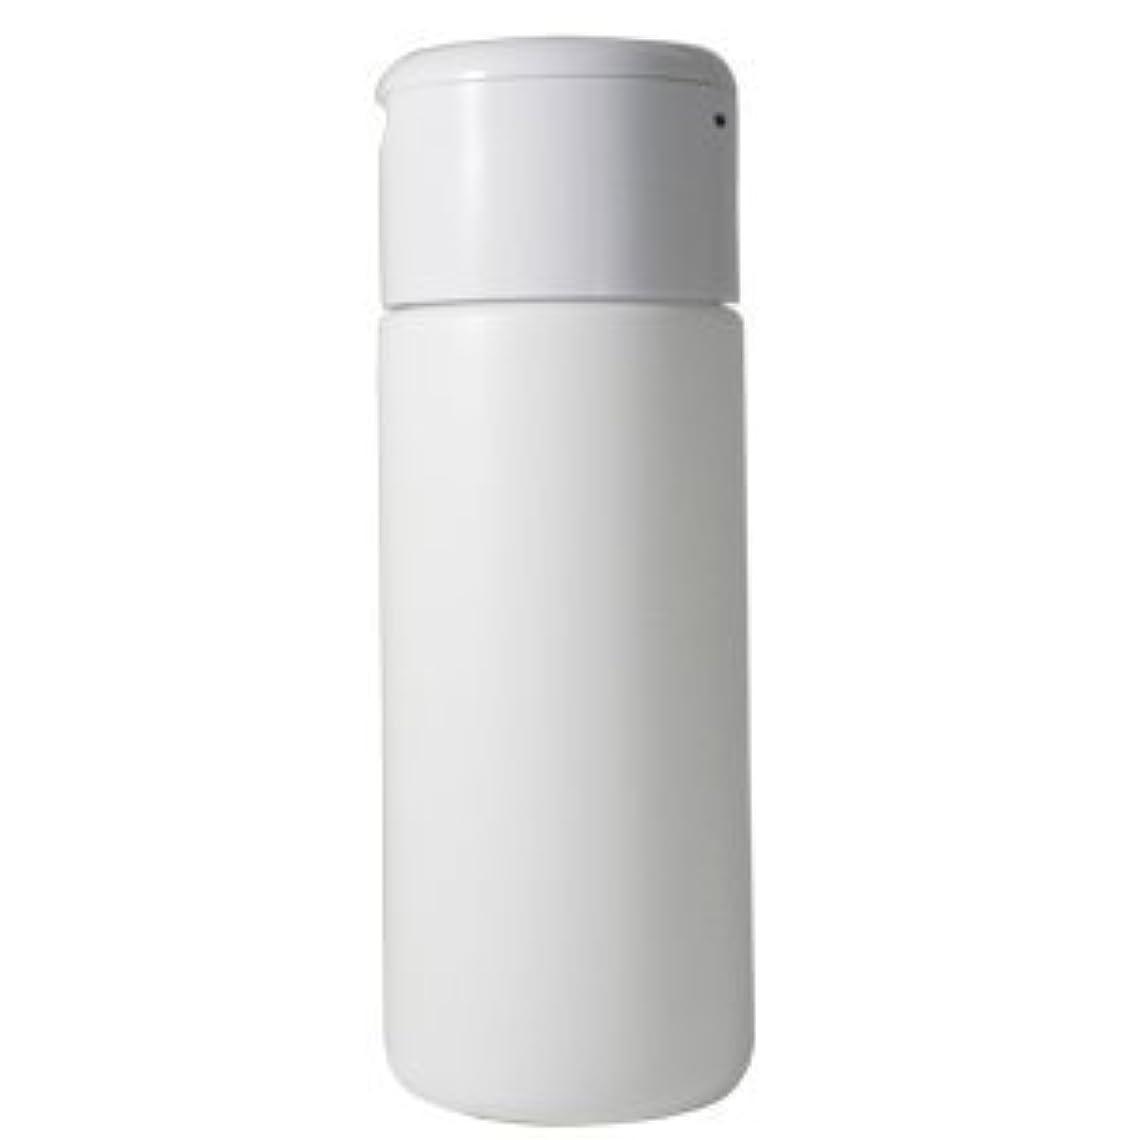 前奏曲咽頭知覚できるワンタッチキャップ パウダー用ボトル容器 190ml